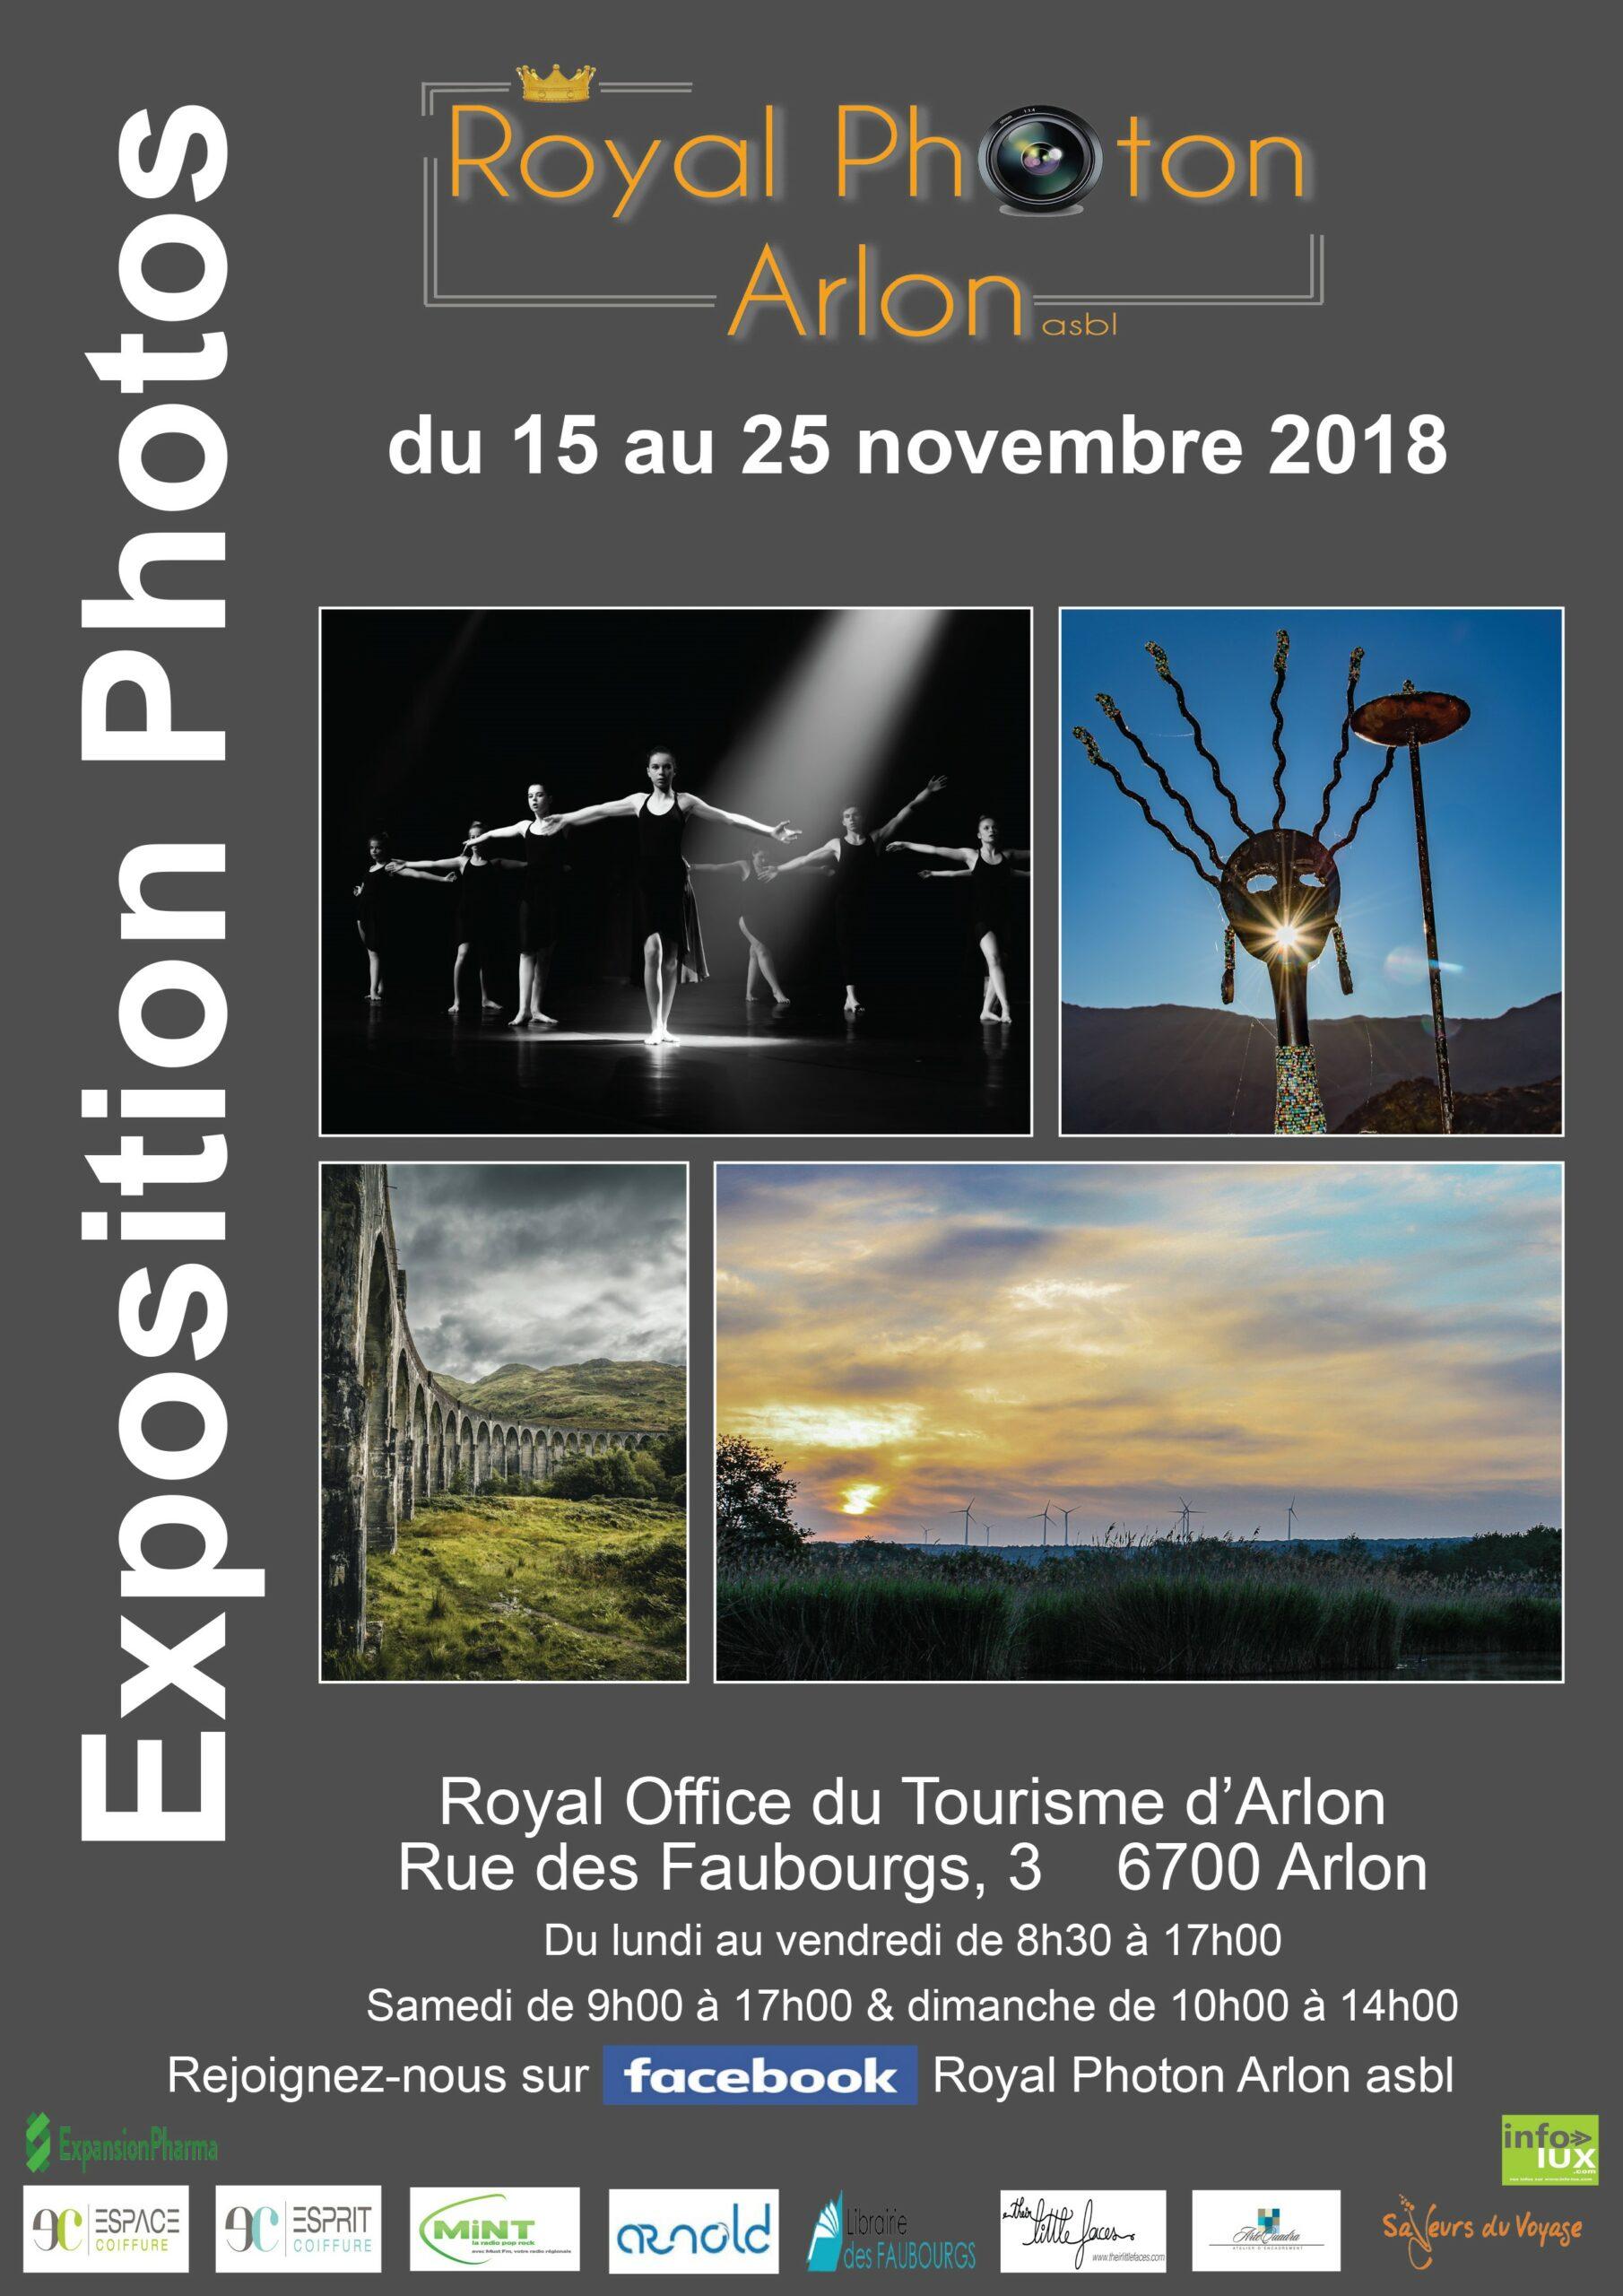 Exposition Photos du Royal Photon Arlon